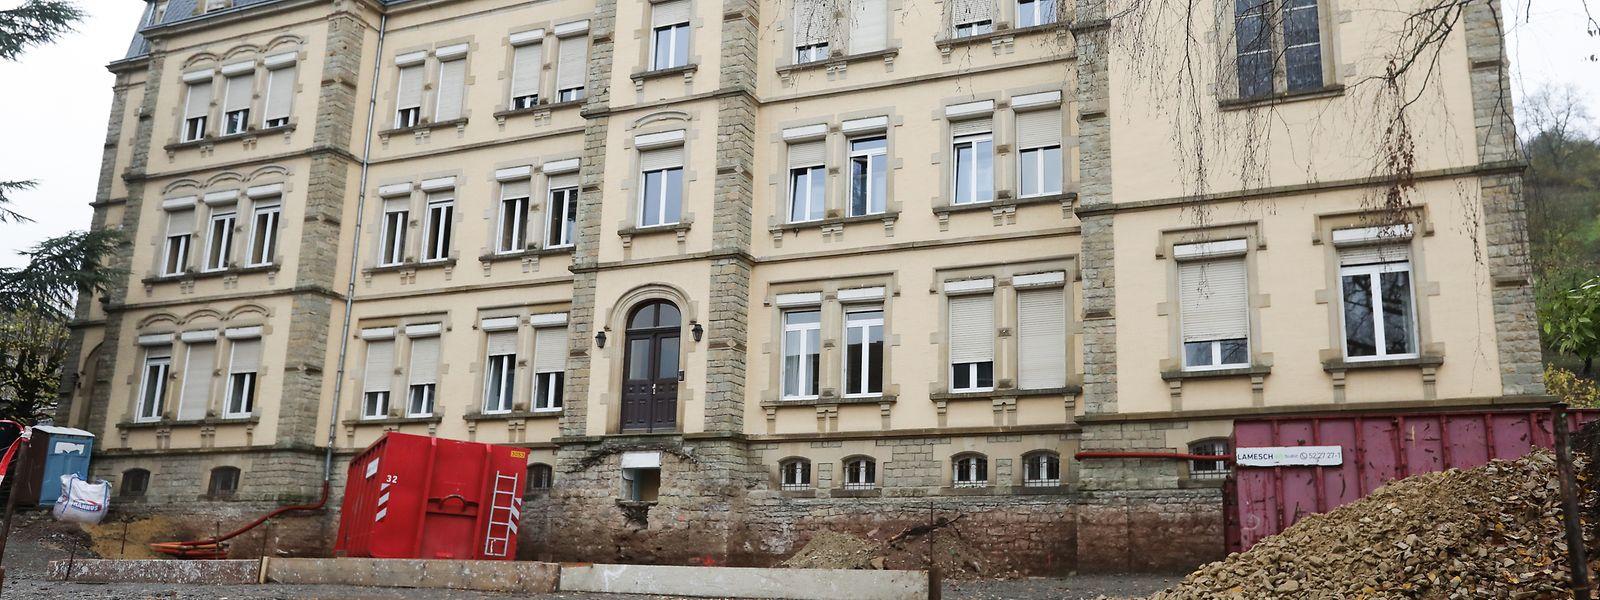 Bei sämtlichen Umbauarbeiten am einstigen Pensionnat Notre-Dame in Diekirch will das nationale Denkmalschutzamt künftig vorab konsultiert werden.